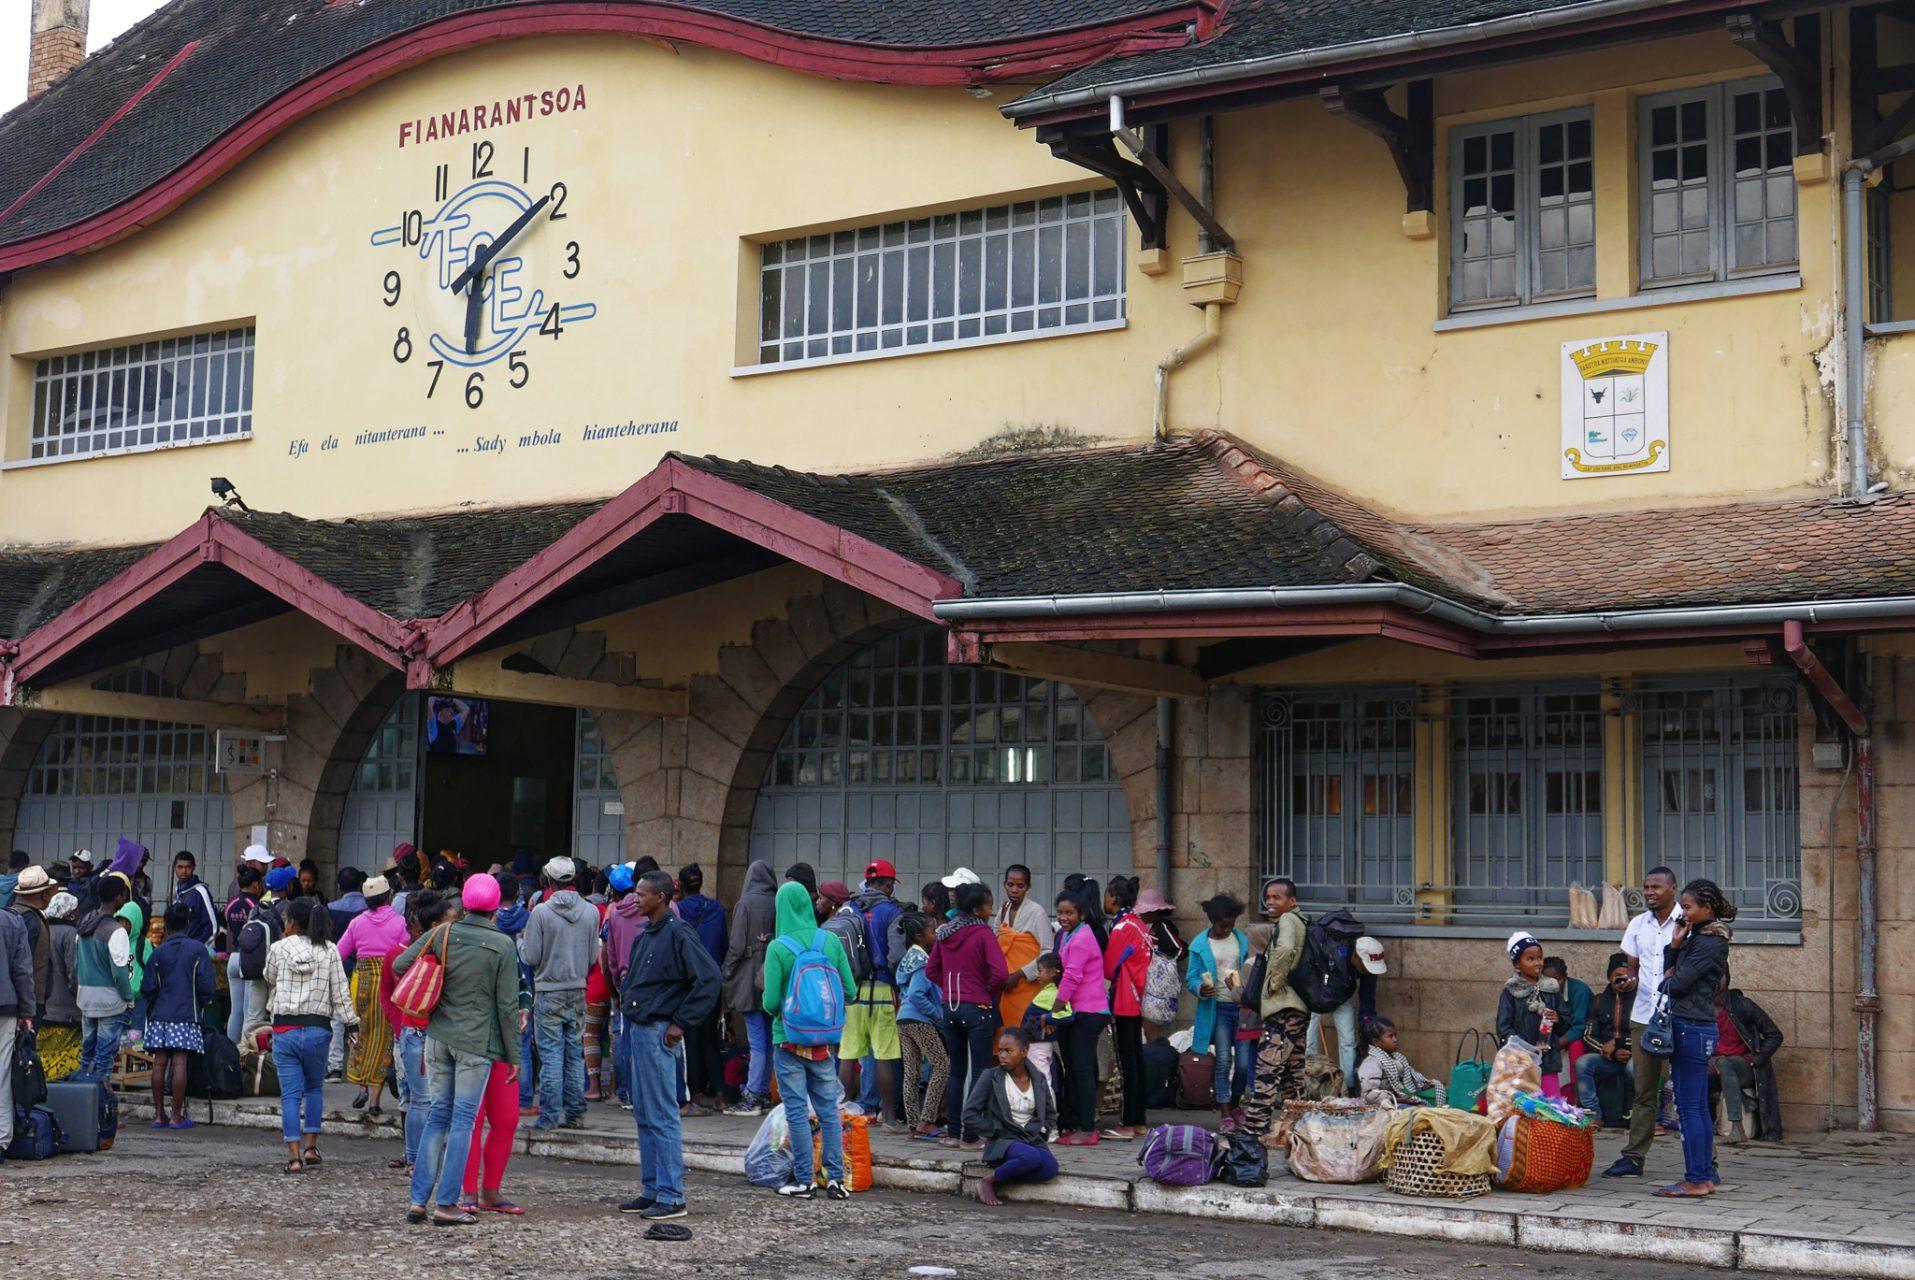 Le train de Fianarantsoa à Manakara: un voyage dépaysant